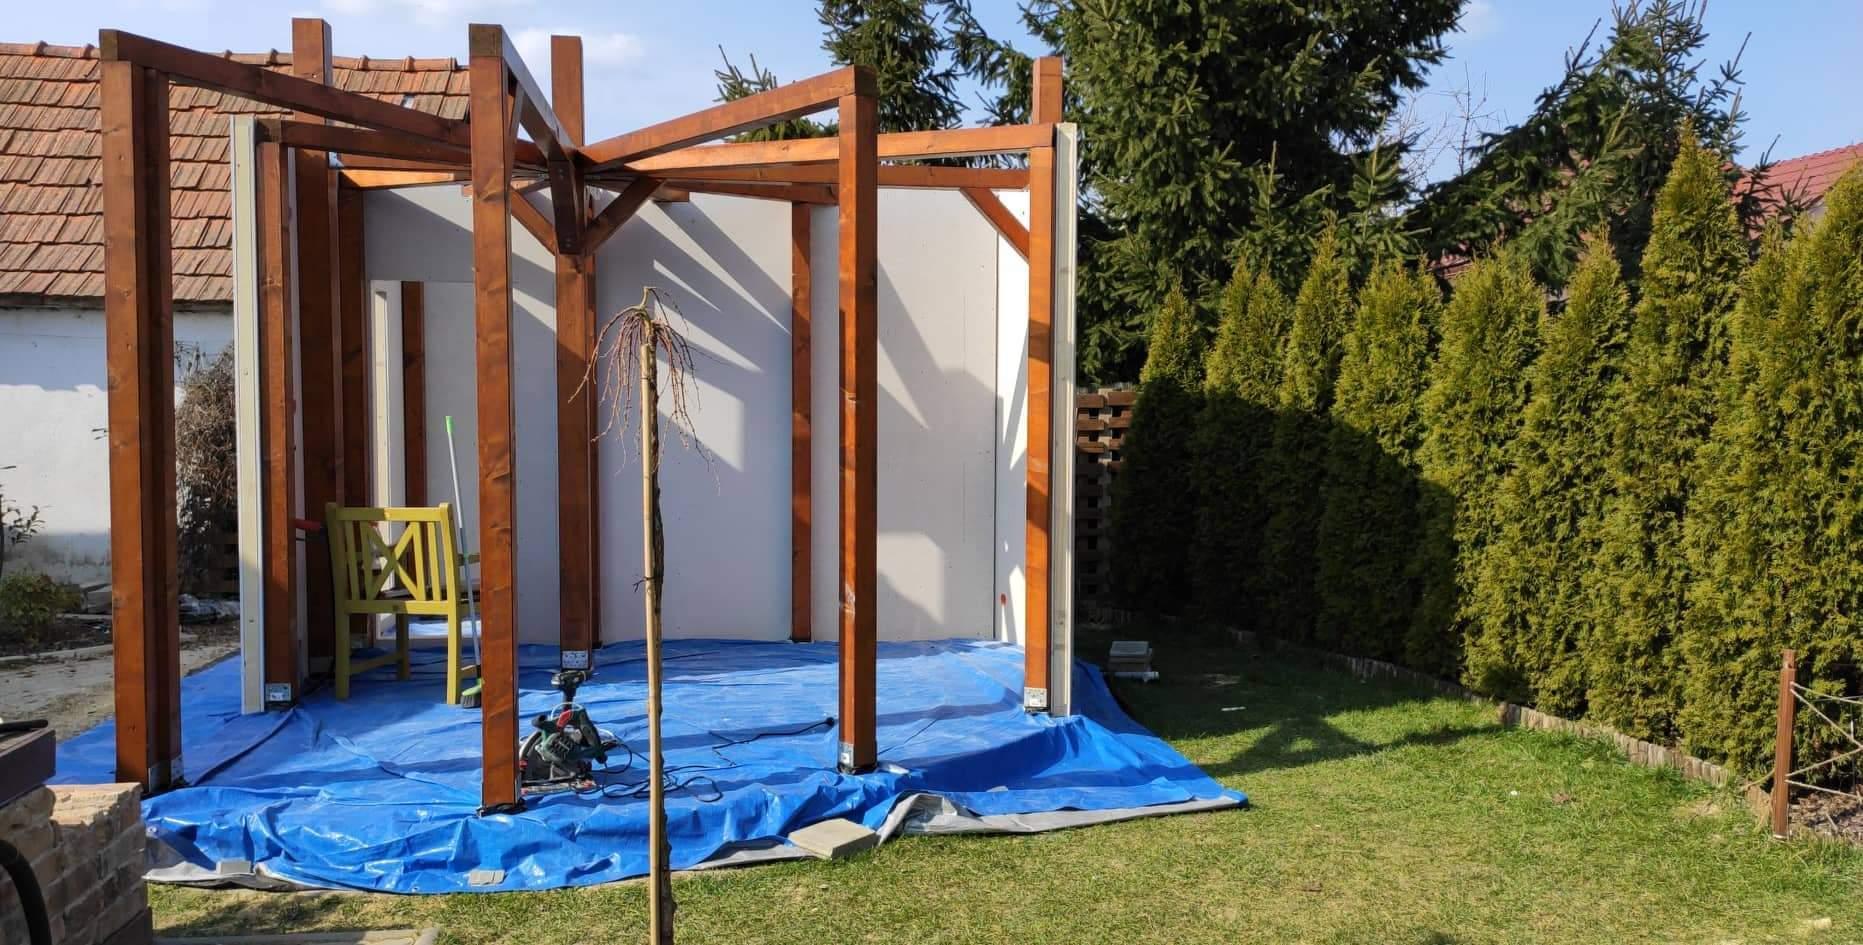 Relaxačný domček sauna a oddychová miestnosť ... plány, príprava a realizácia - Obrázok č. 75